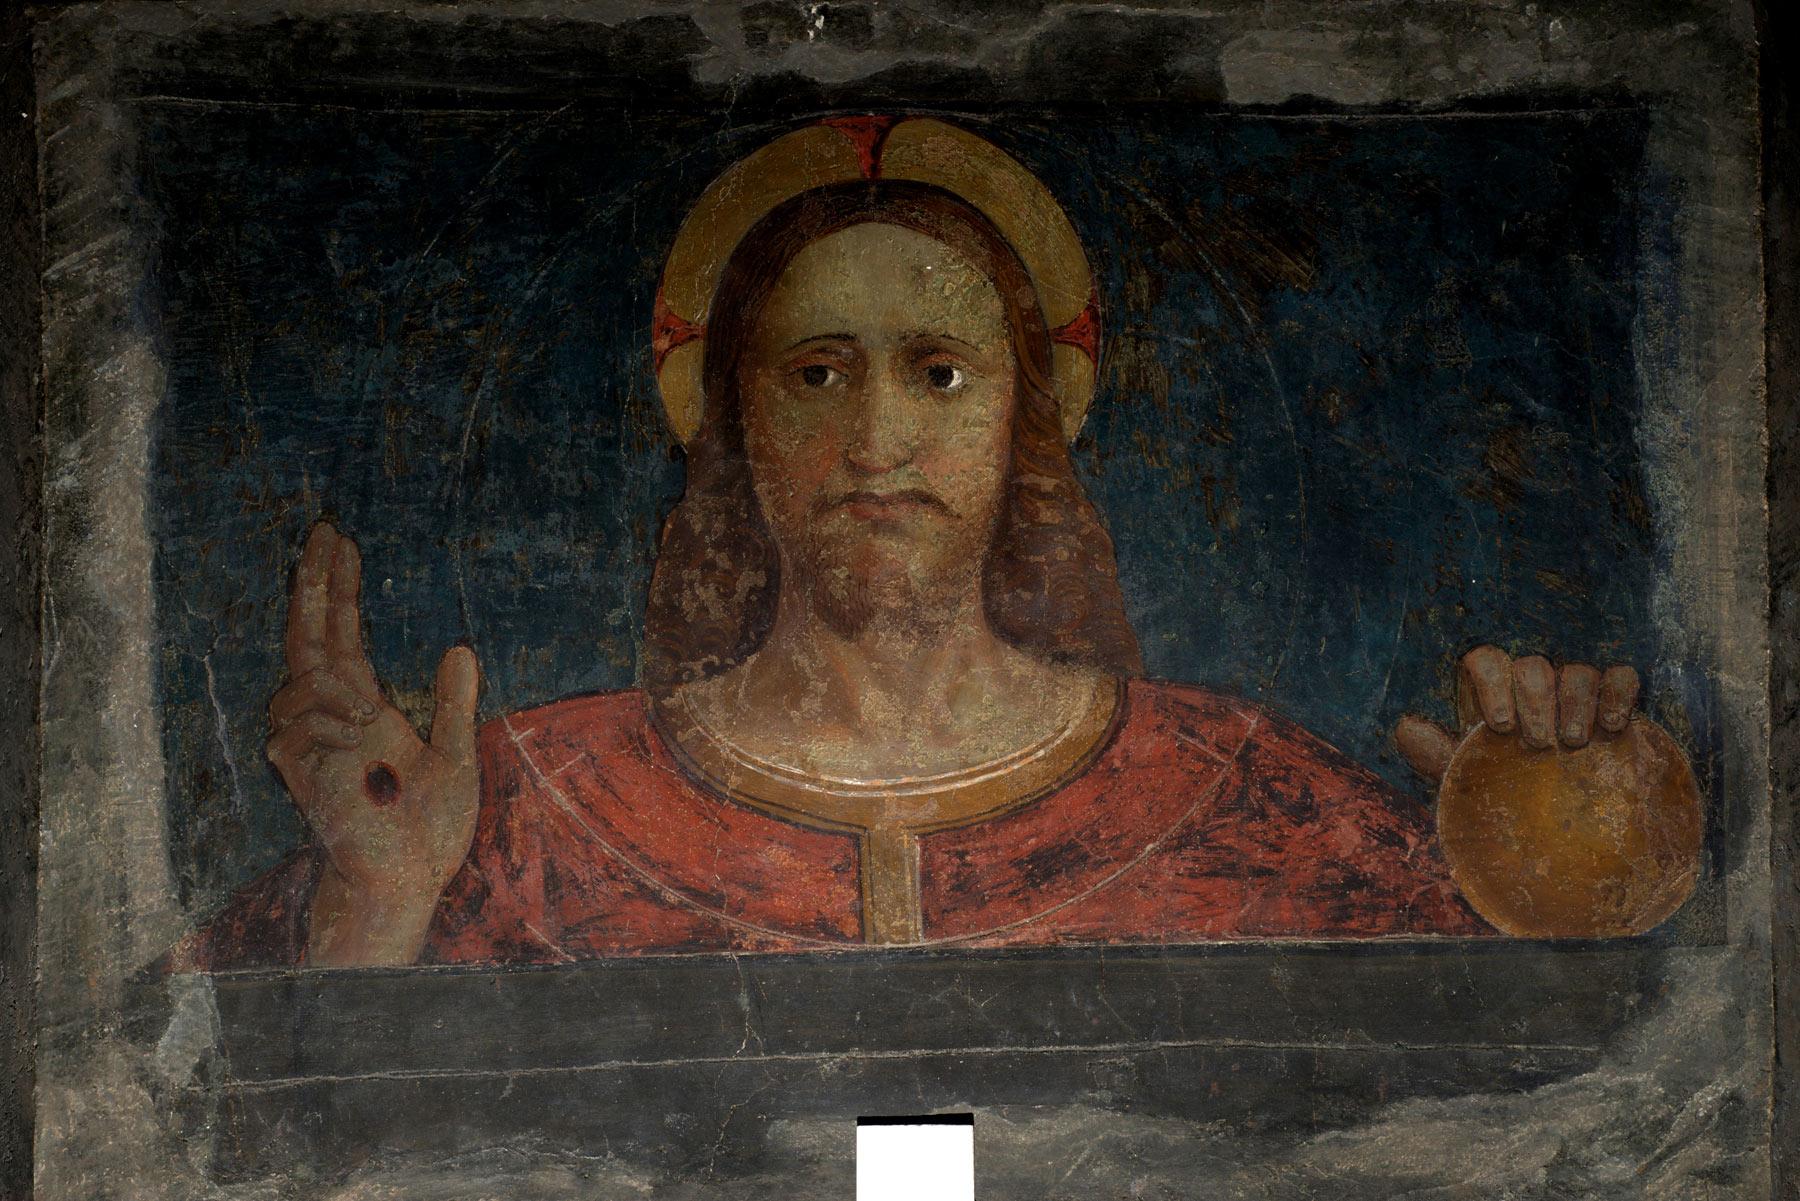 Cola dell'Amatrice, Cristo benedicente (1520-1530 circa; affresco staccato a massello dalla chiesa di Santa Margherita, 77 x 97 cm; Ascoli Piceno, Pinacoteca Civica)